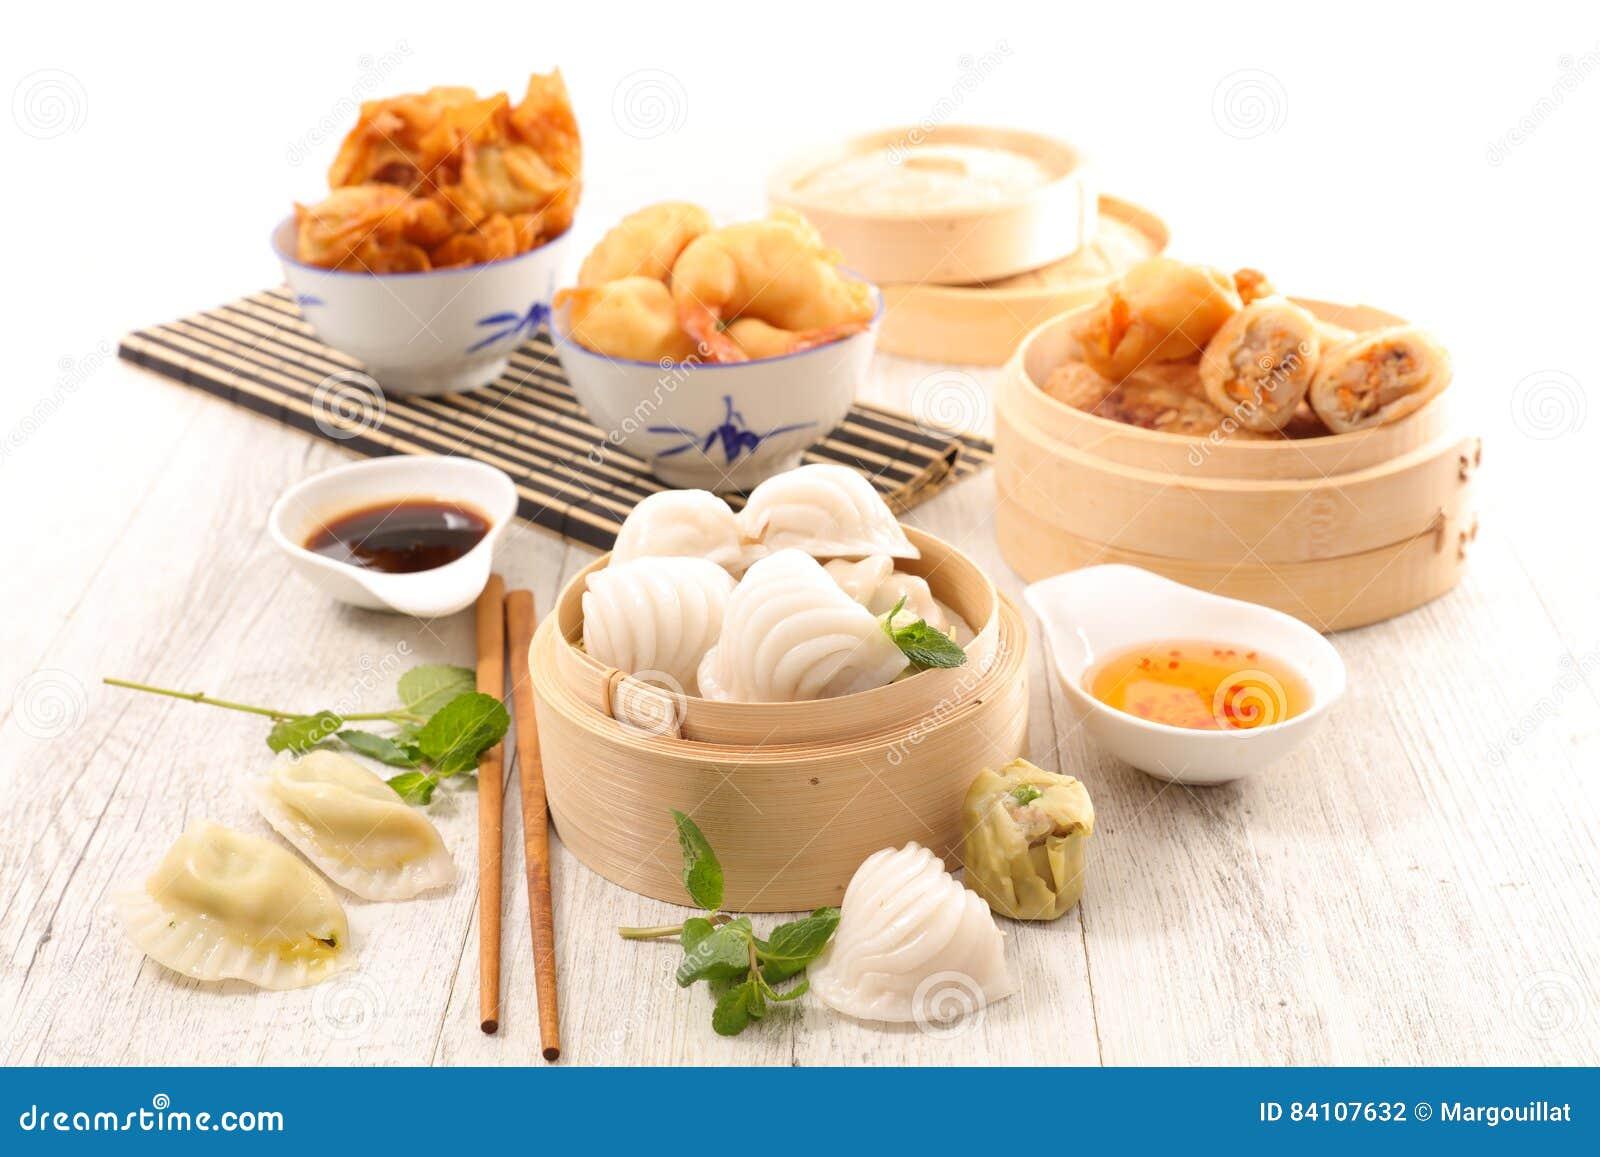 Cuisine asiatique assortie nourriture photo stock image for Asiatique cuisine